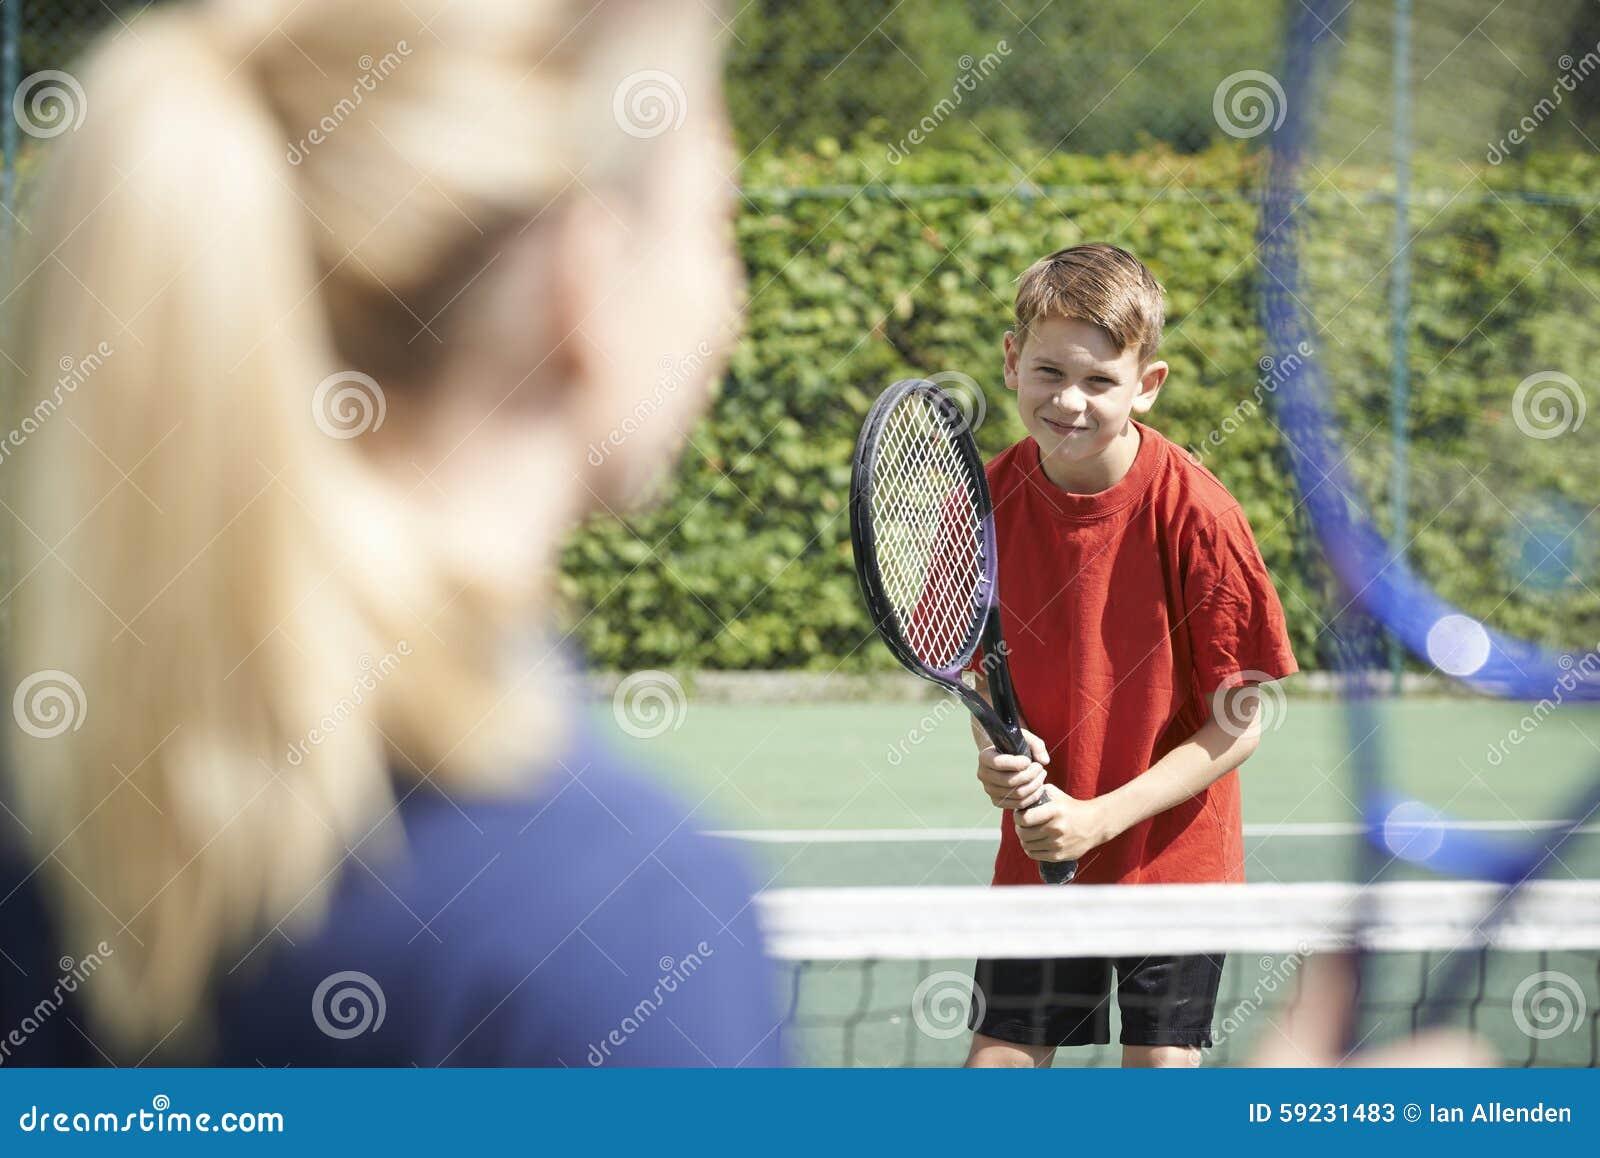 Muchacho femenino de Giving Lesson To del coche de tenis